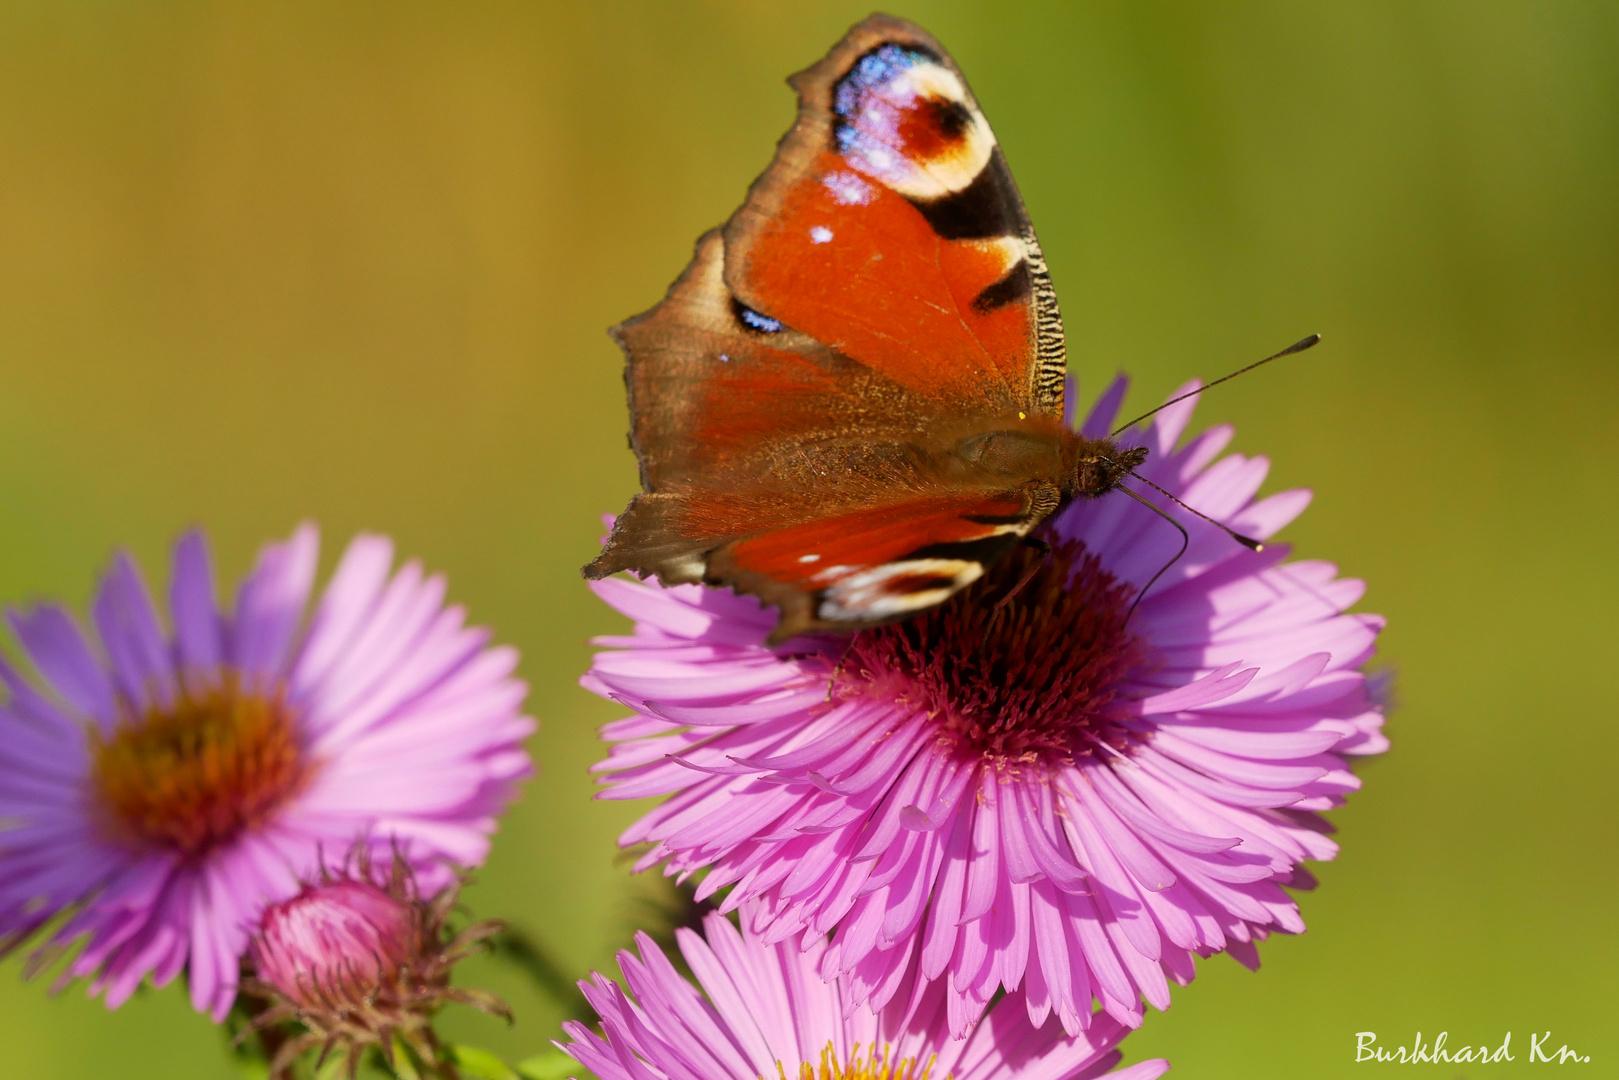 Tagpfauenauge - Schmetterling des Jahres 2009